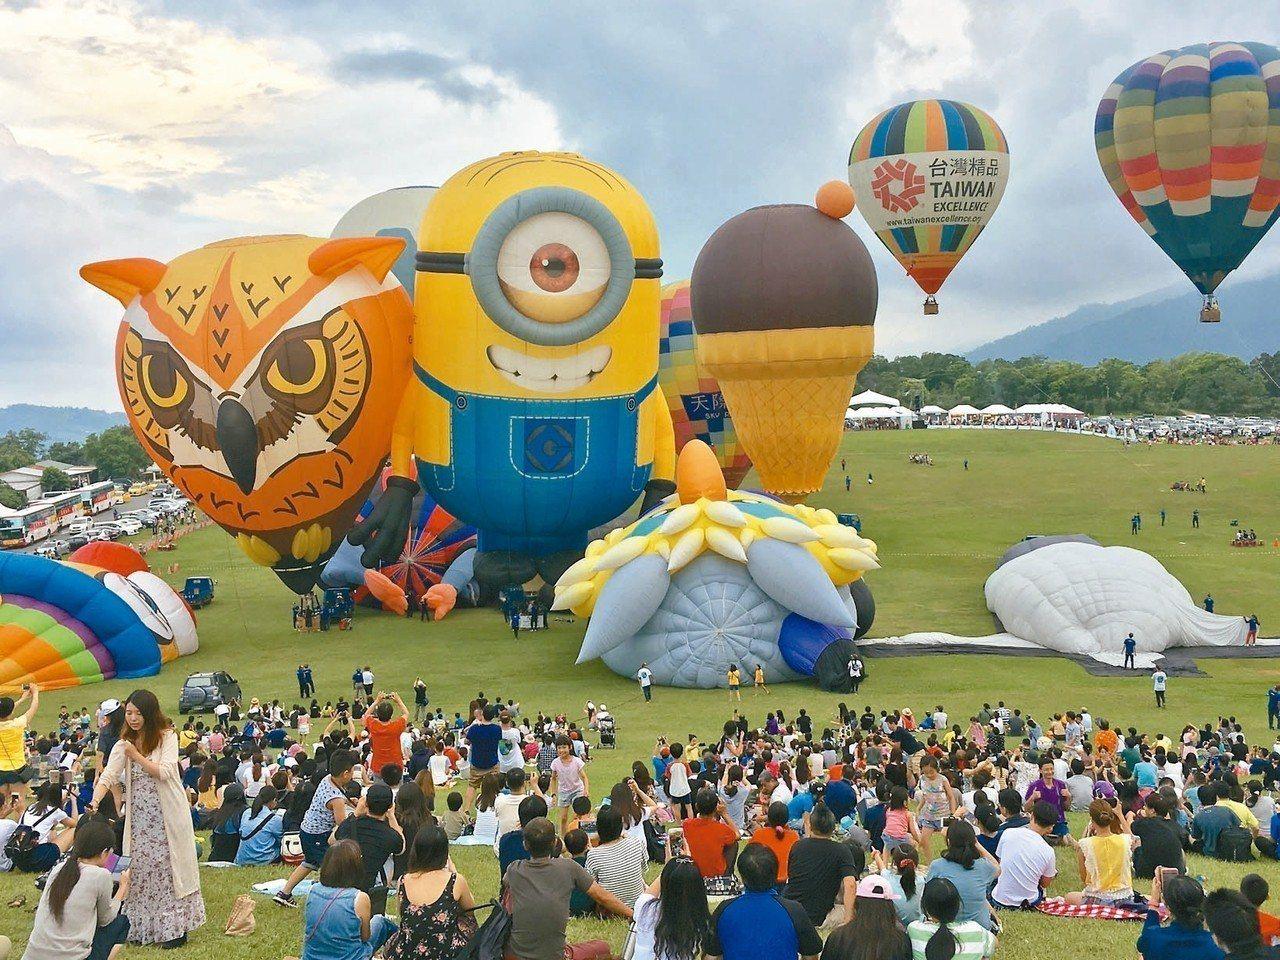 昨天下午5點半多,鹿野高台大草原上就擠進約6千名遊客等待熱氣球表演活動。 記者羅...